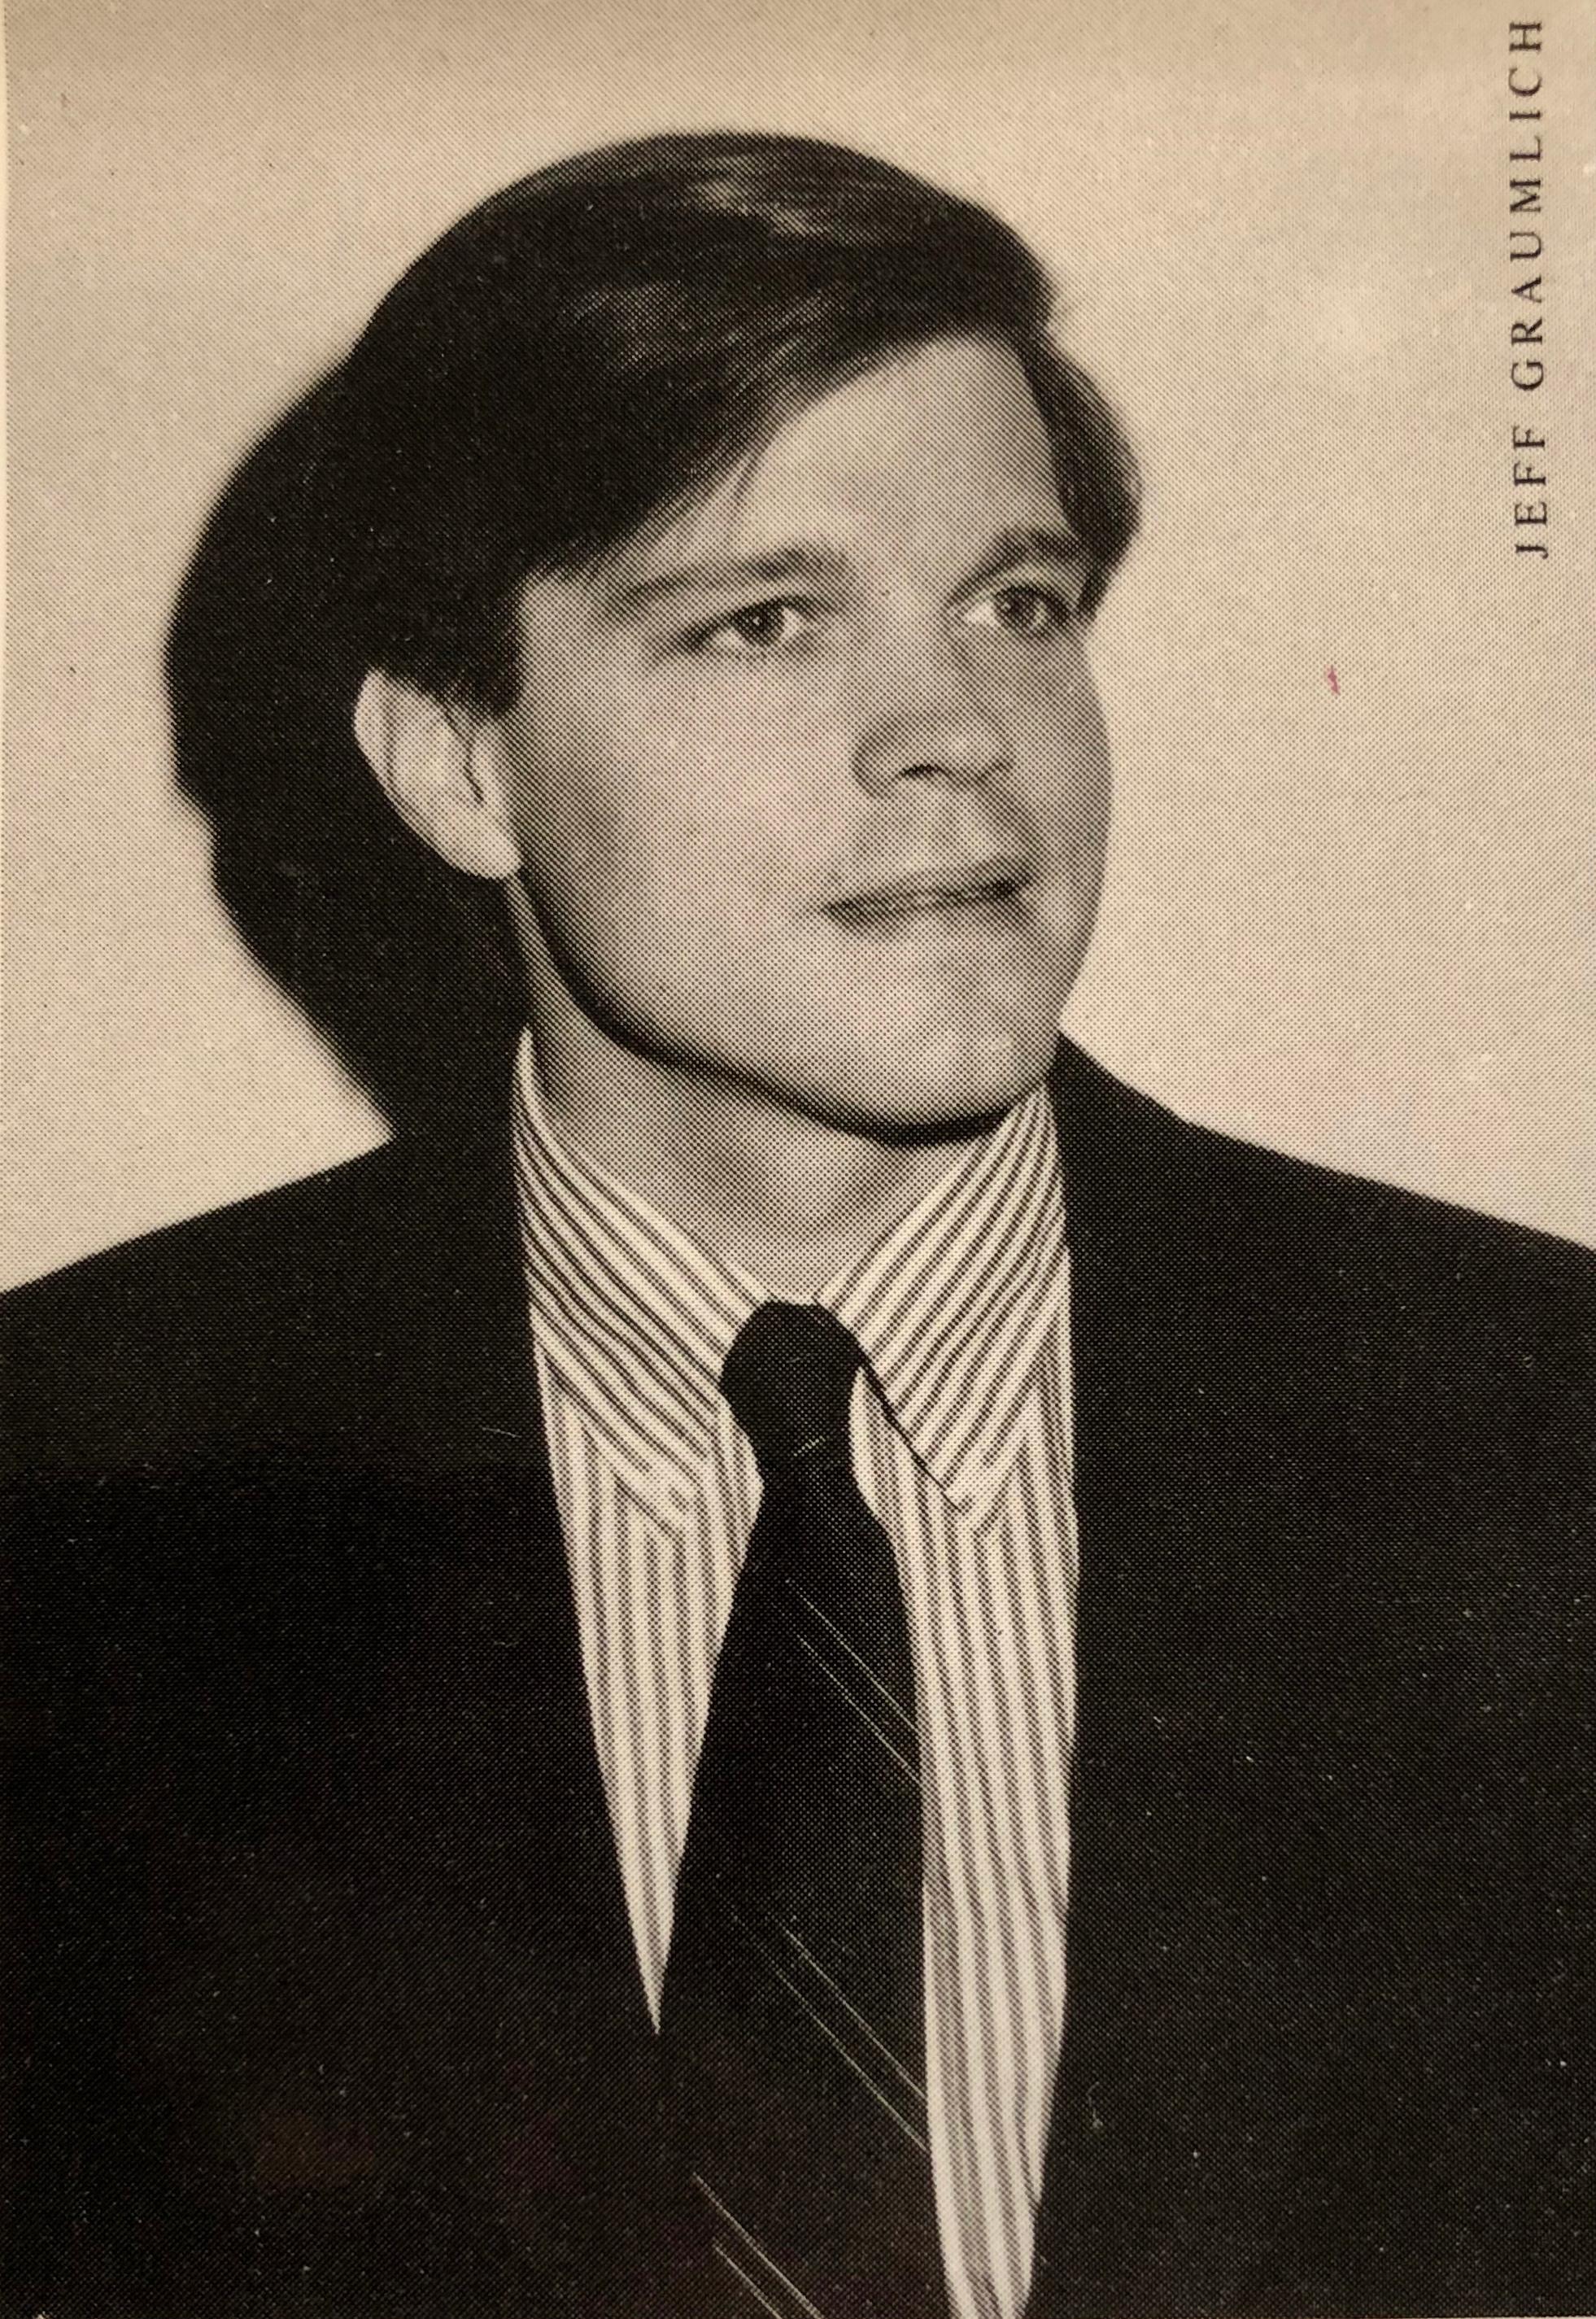 Douglas Brinkley as Hofstra Assistant Professor